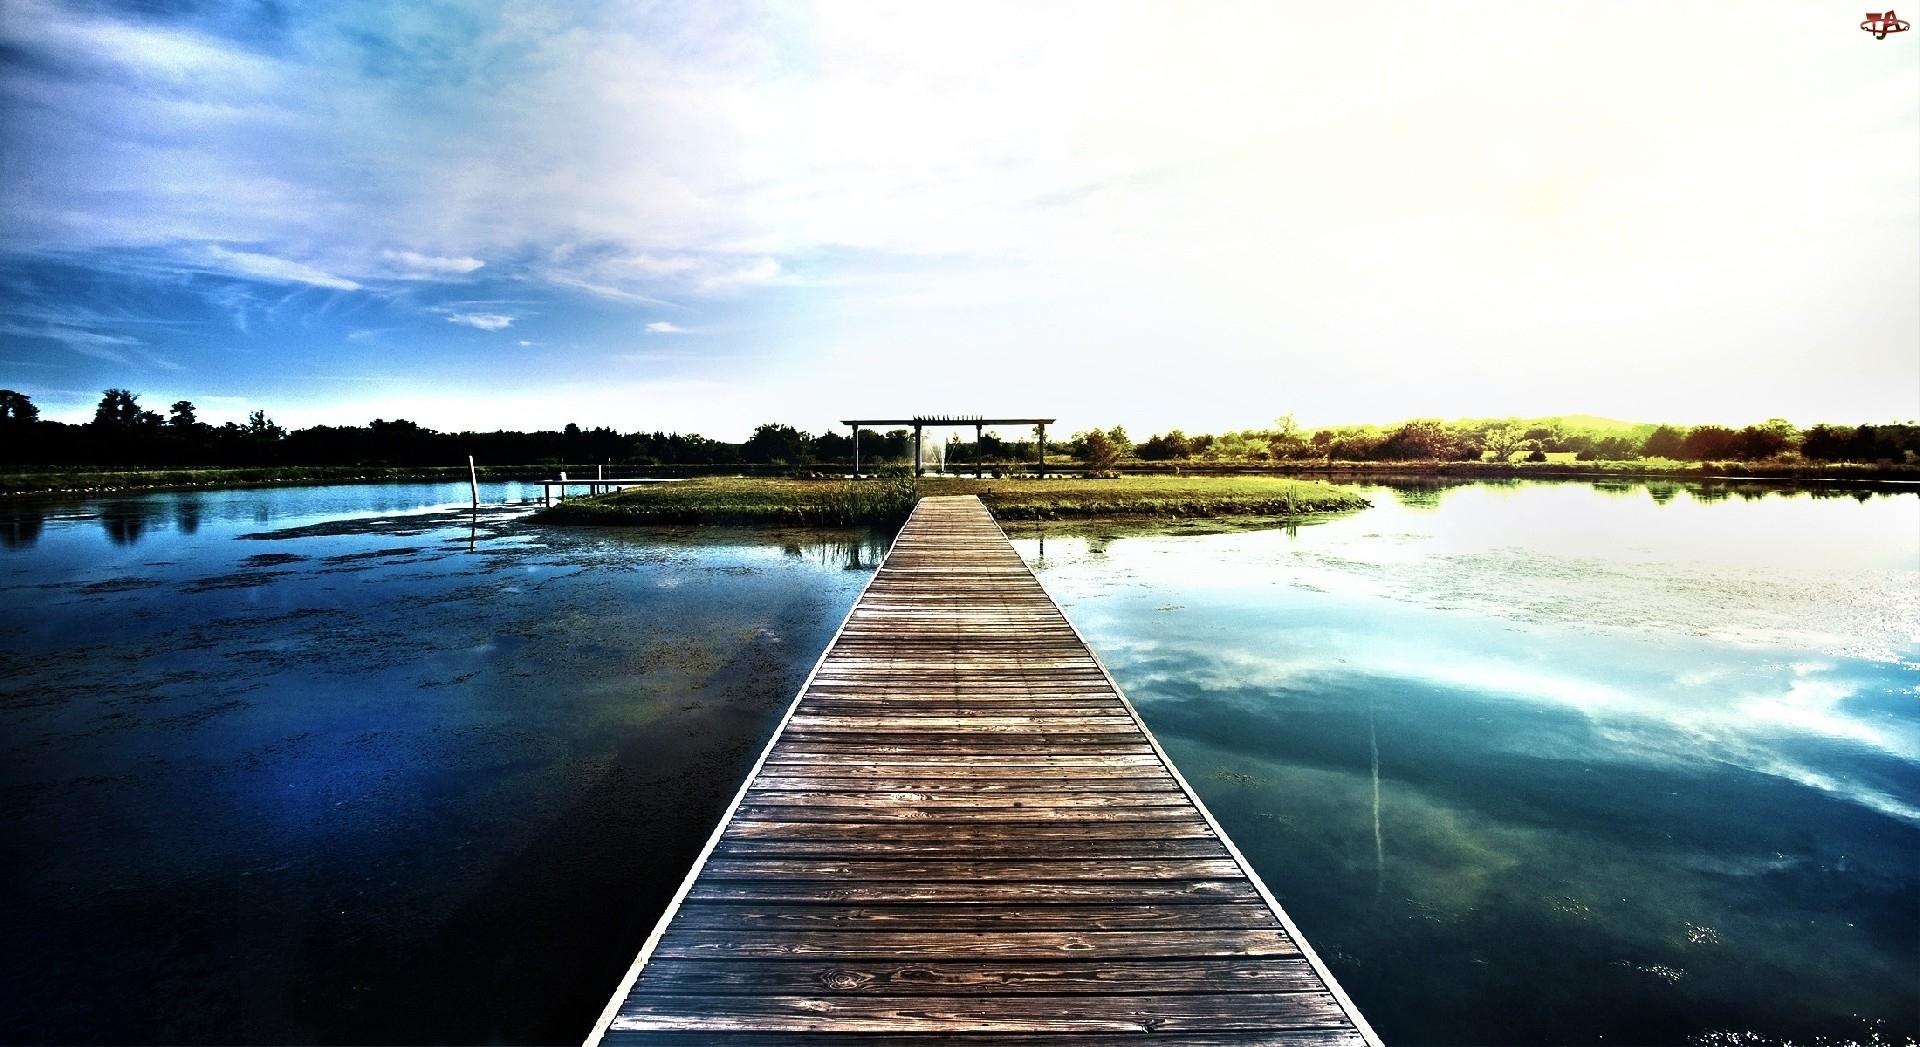 Wysepka, Jezioro, Kładka